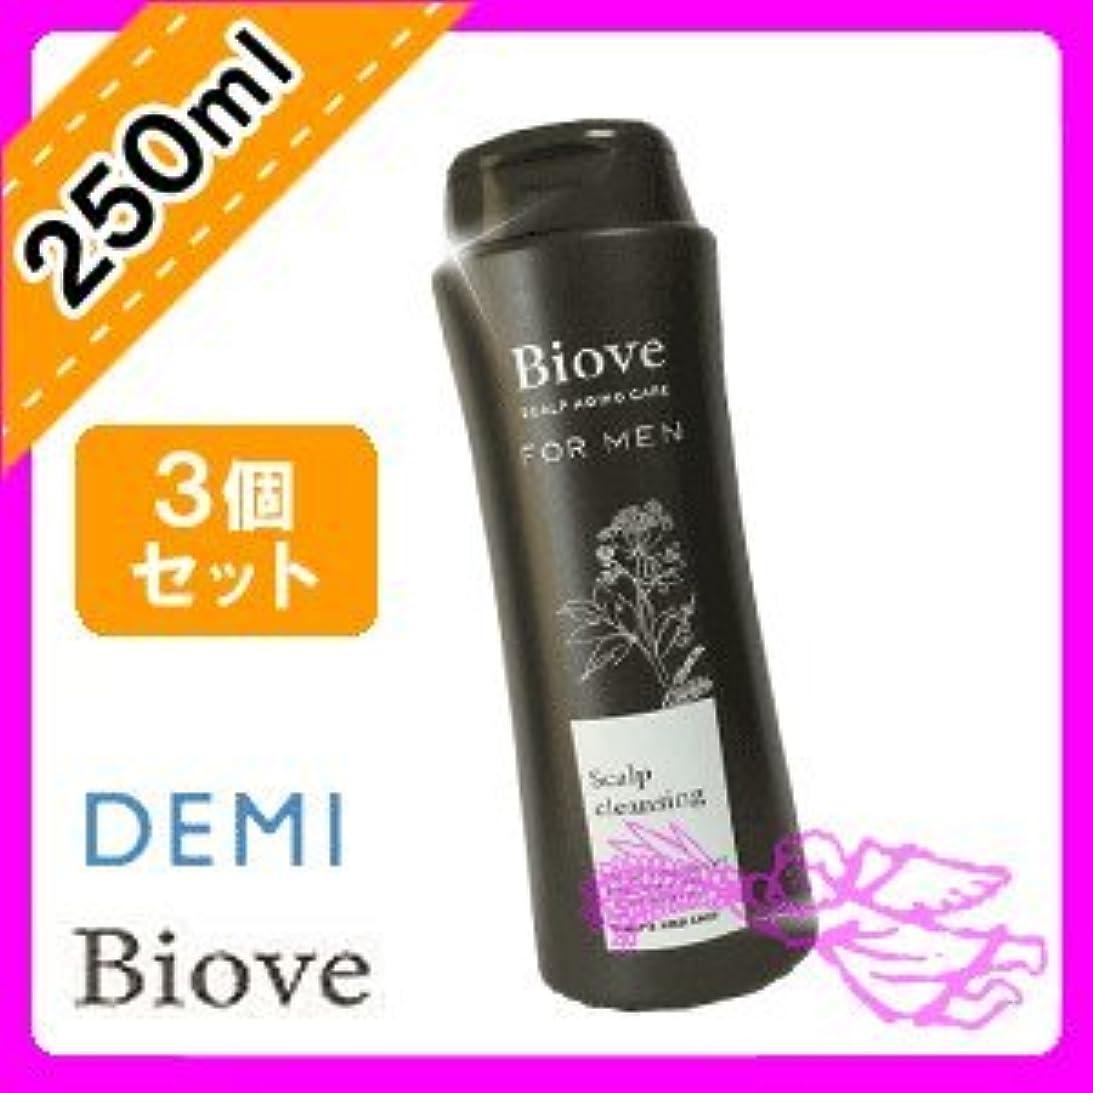 手入れ肘雄弁なデミ ビオーブ フォーメン スキャルプ クレンジング 250ml ×3個セット DEMI BIOVE FOR MEN 男性用ヘアケア メンズヘアケア メンズケア